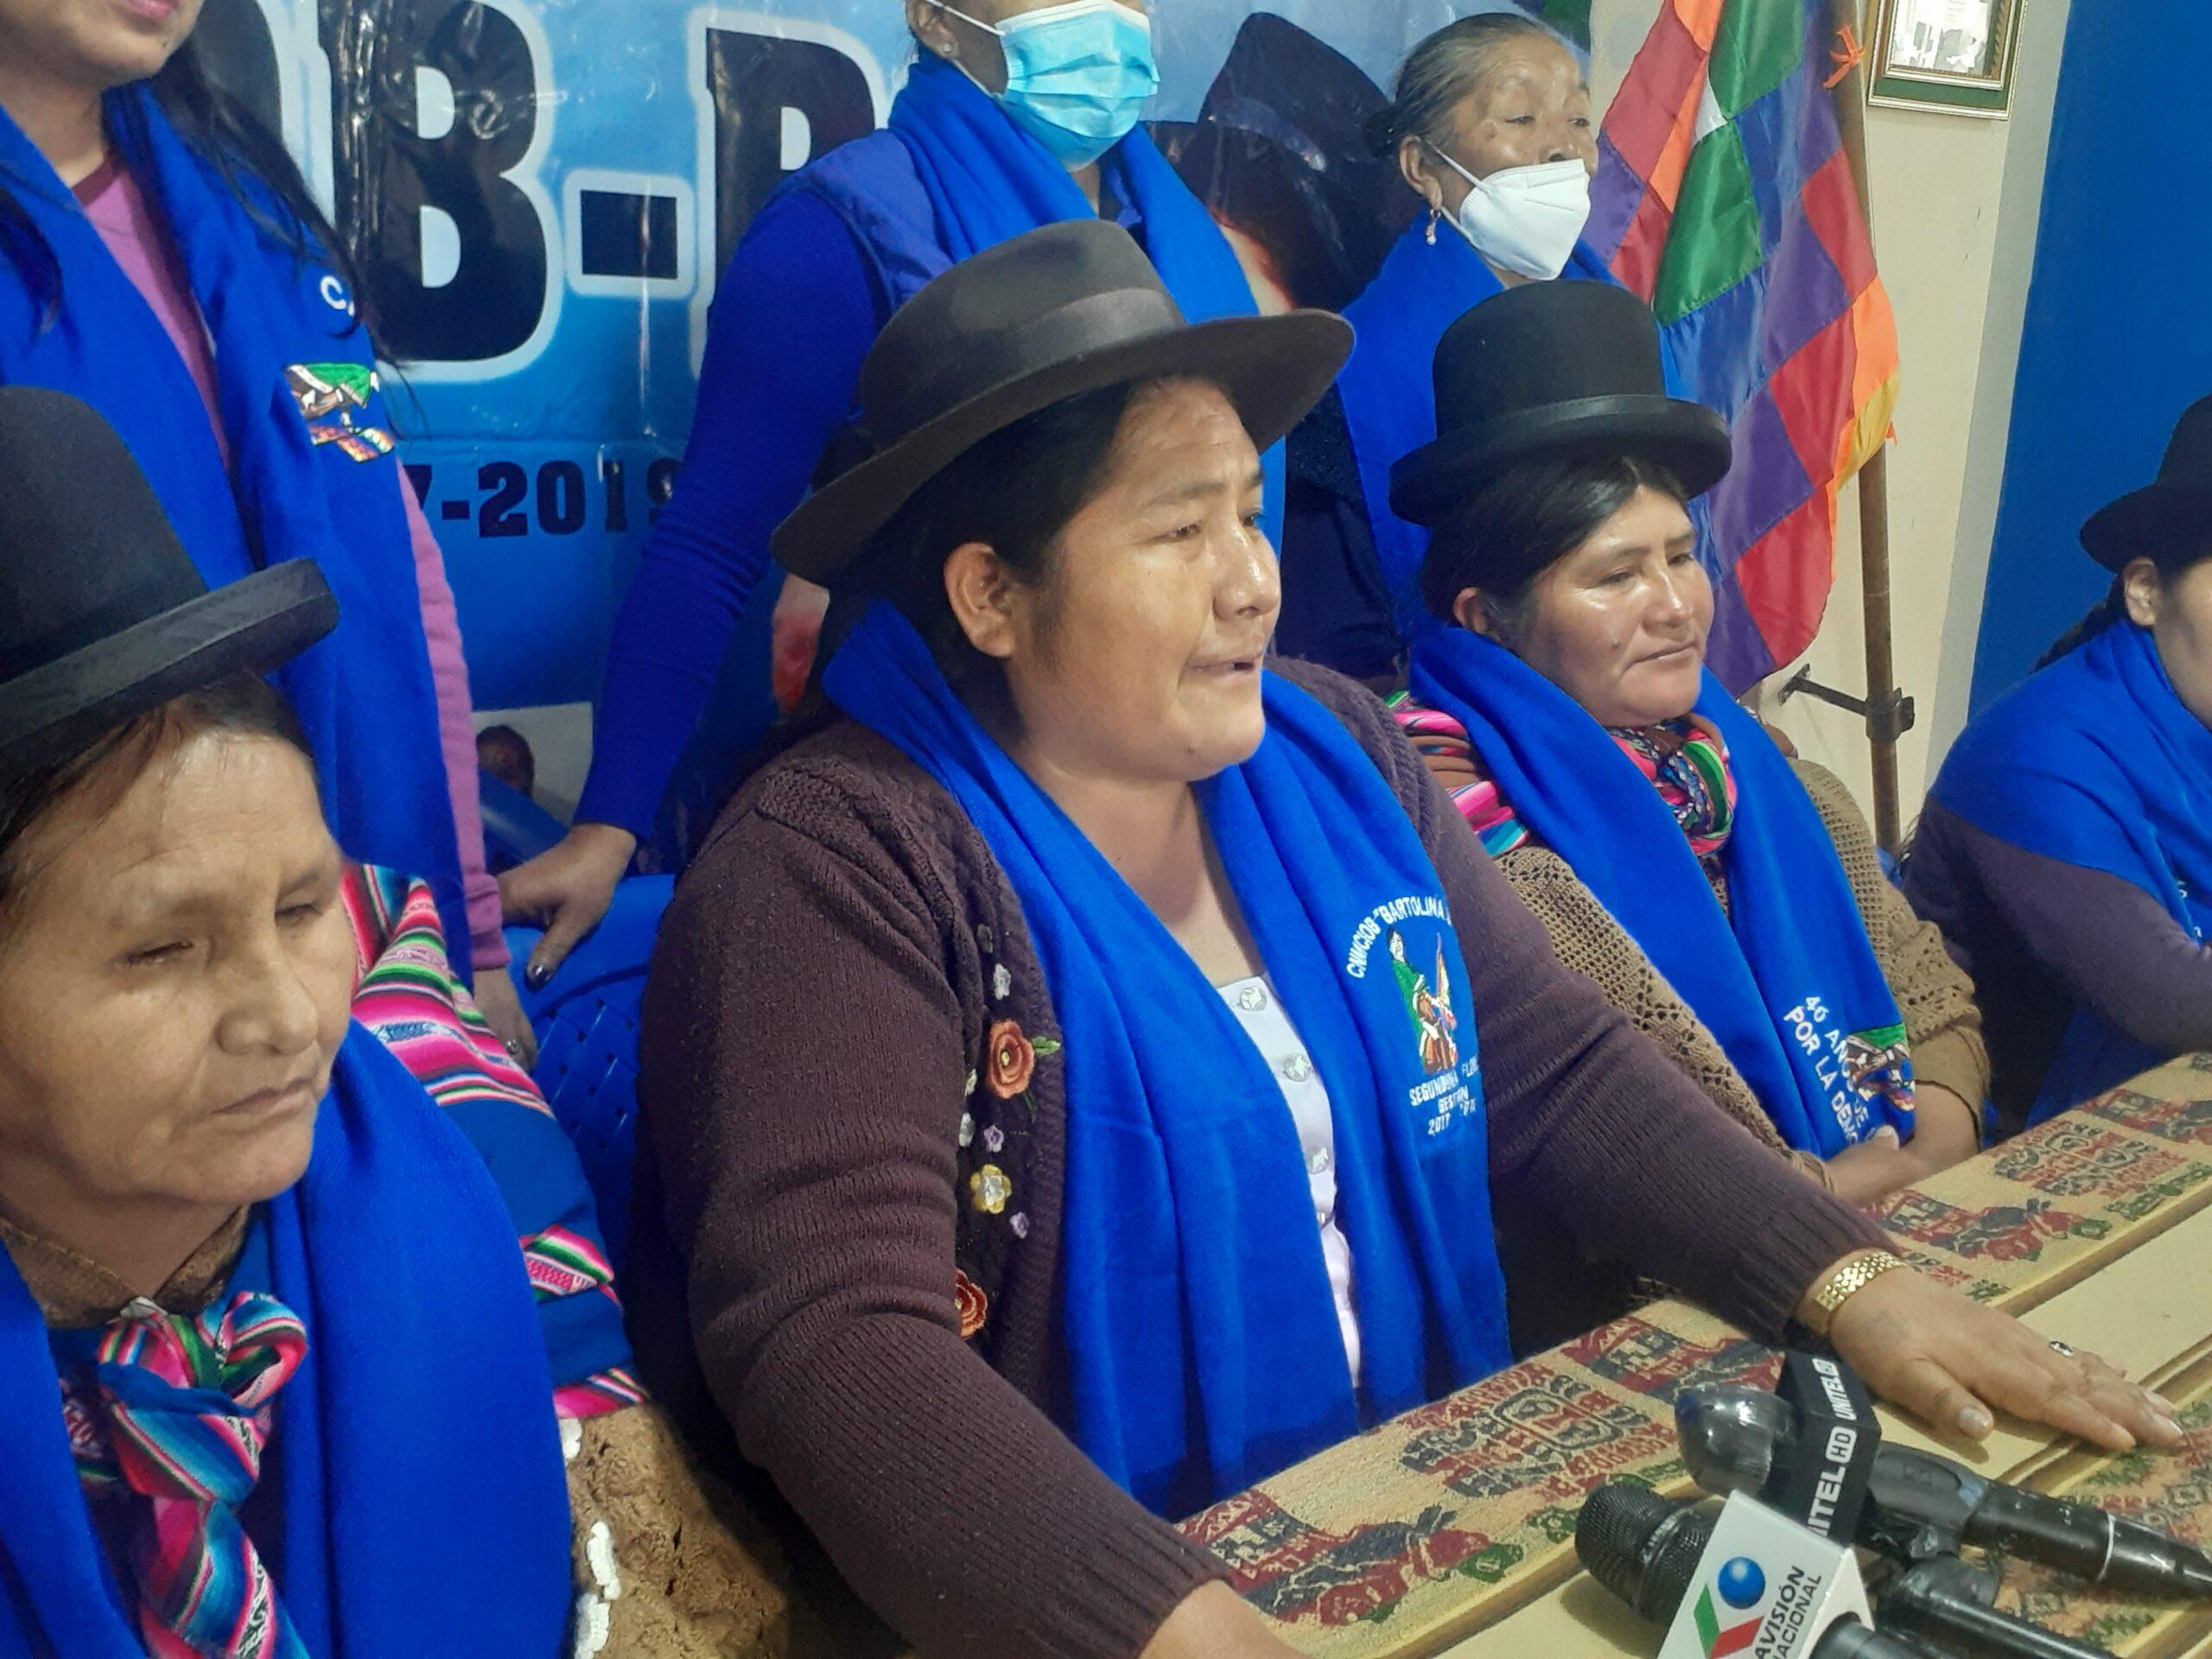 La Confederación de Mujeres Bartolinas Sisa exigen una purga dentro del Gobierno para barrer a las pititas